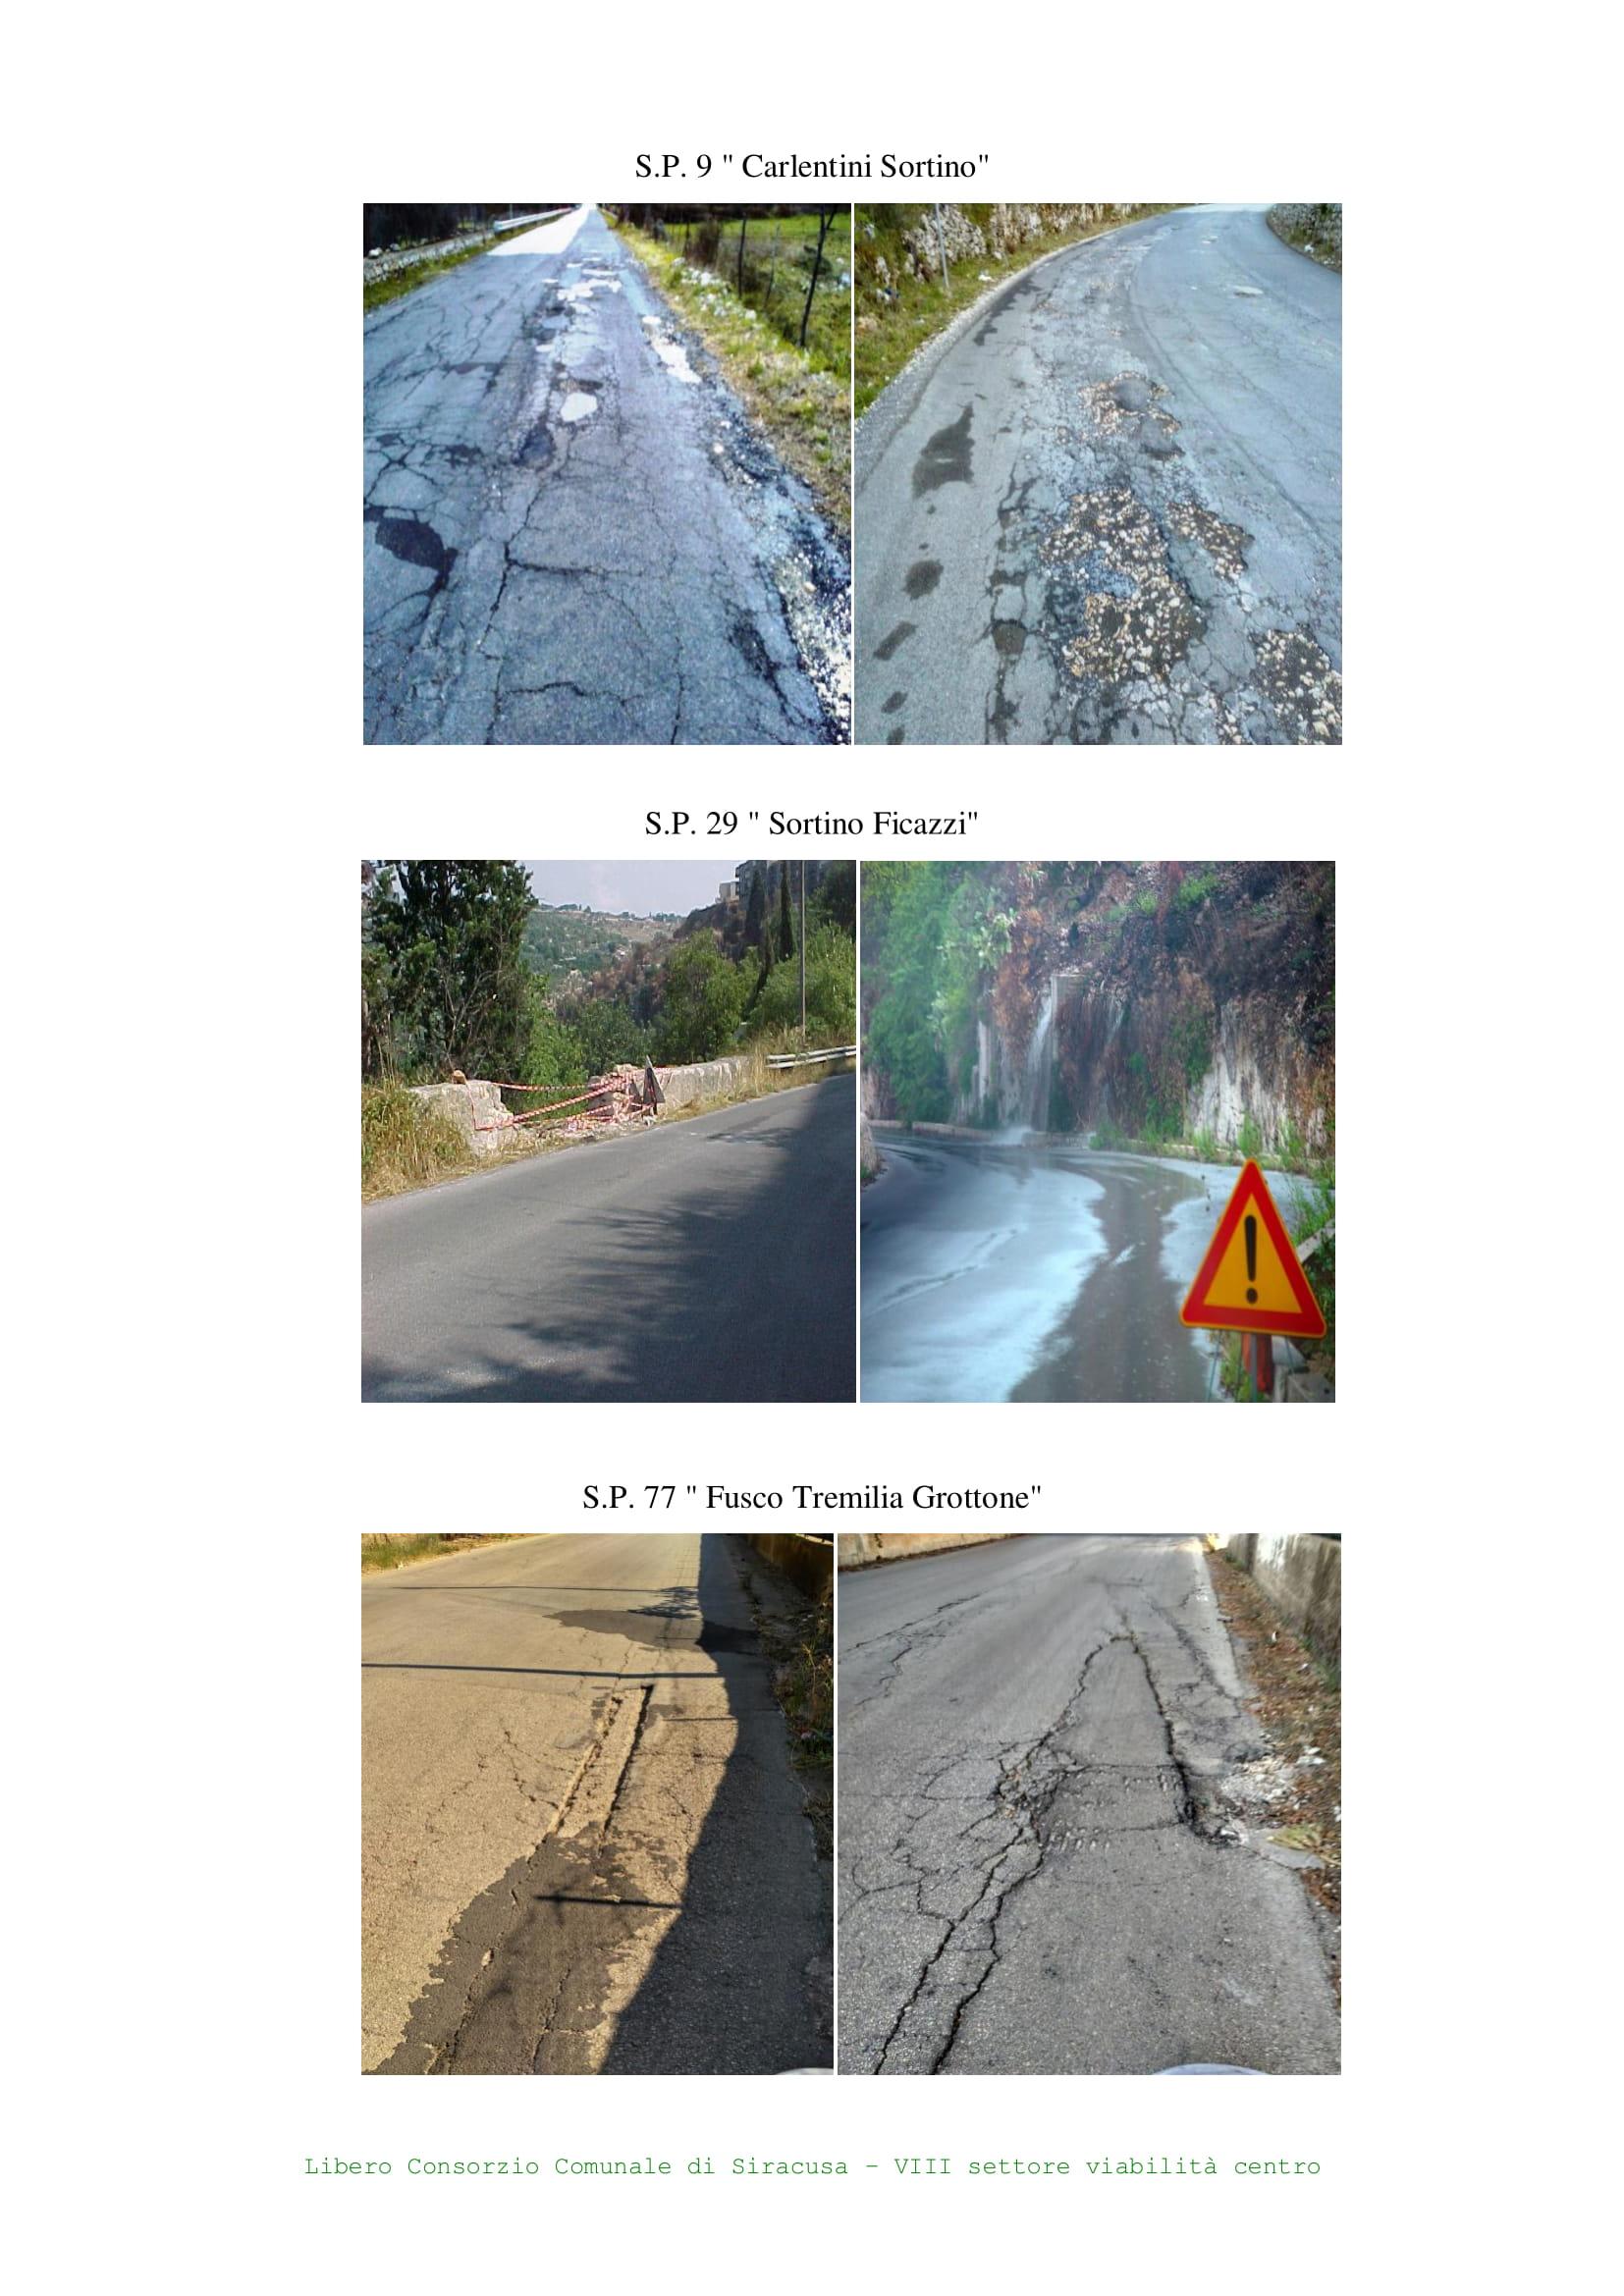 Siracusa, Ingente finanziamento per il ripristino della viabilità provinciale